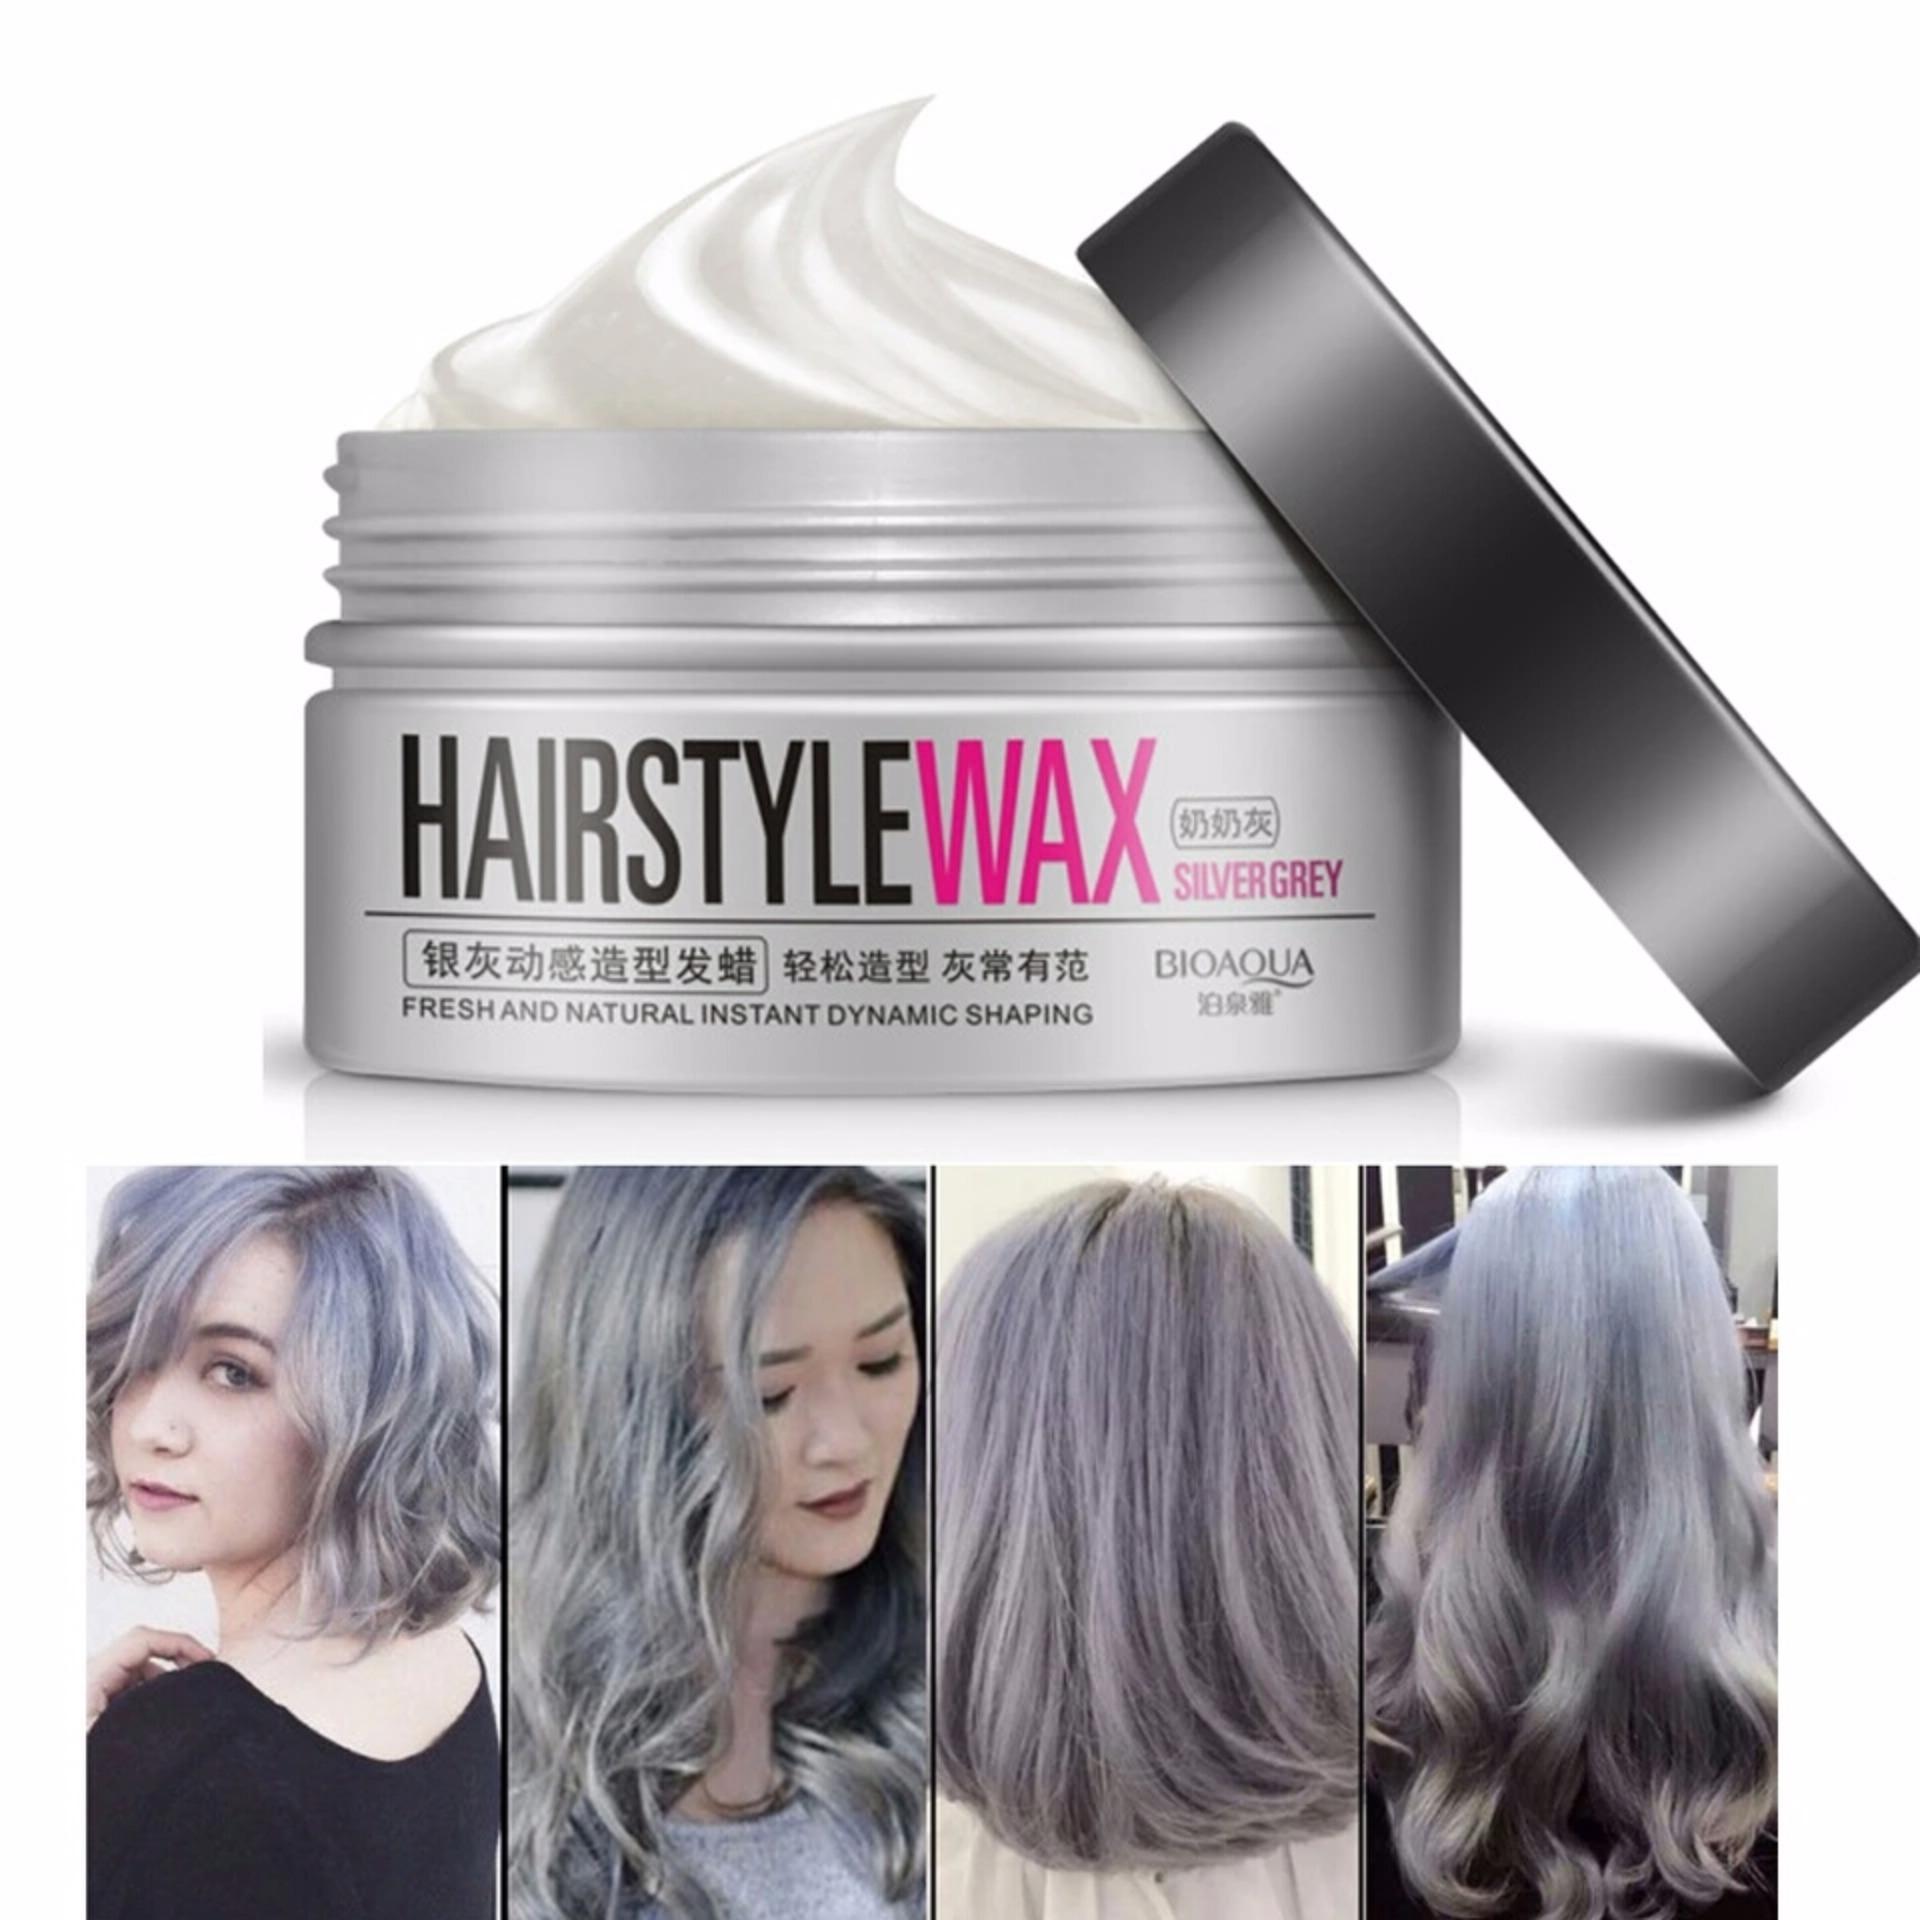 MURAH..! Original Bioaqua Hairstyle Wax Pewarna Rambut Pria Wanita Pomade 100g – Silver Grey – Paling Laris Terpopuler